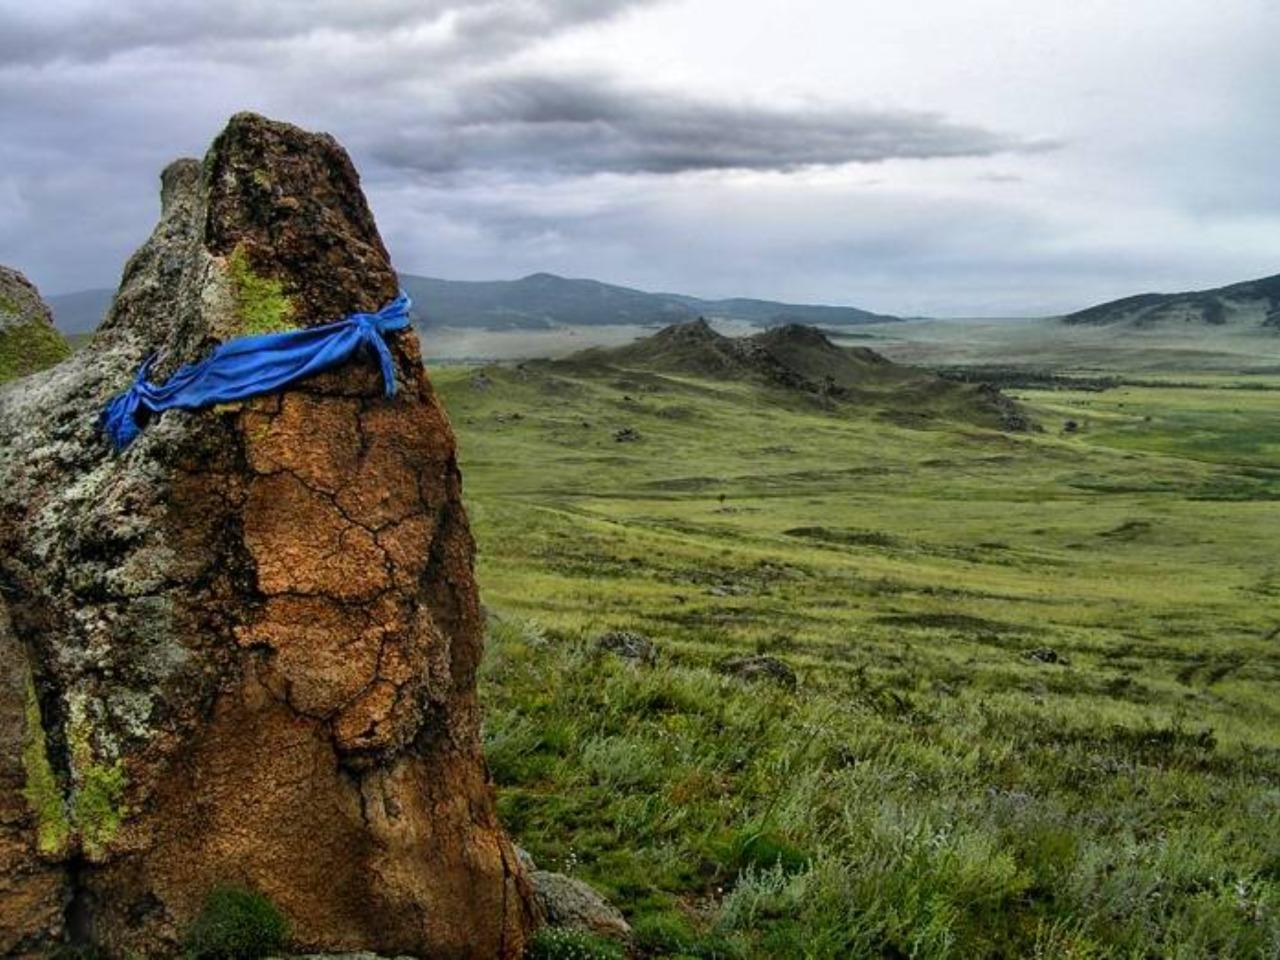 Встреча с настоящим шаманом - индивидуальная экскурсия На Байкал от опытного гида